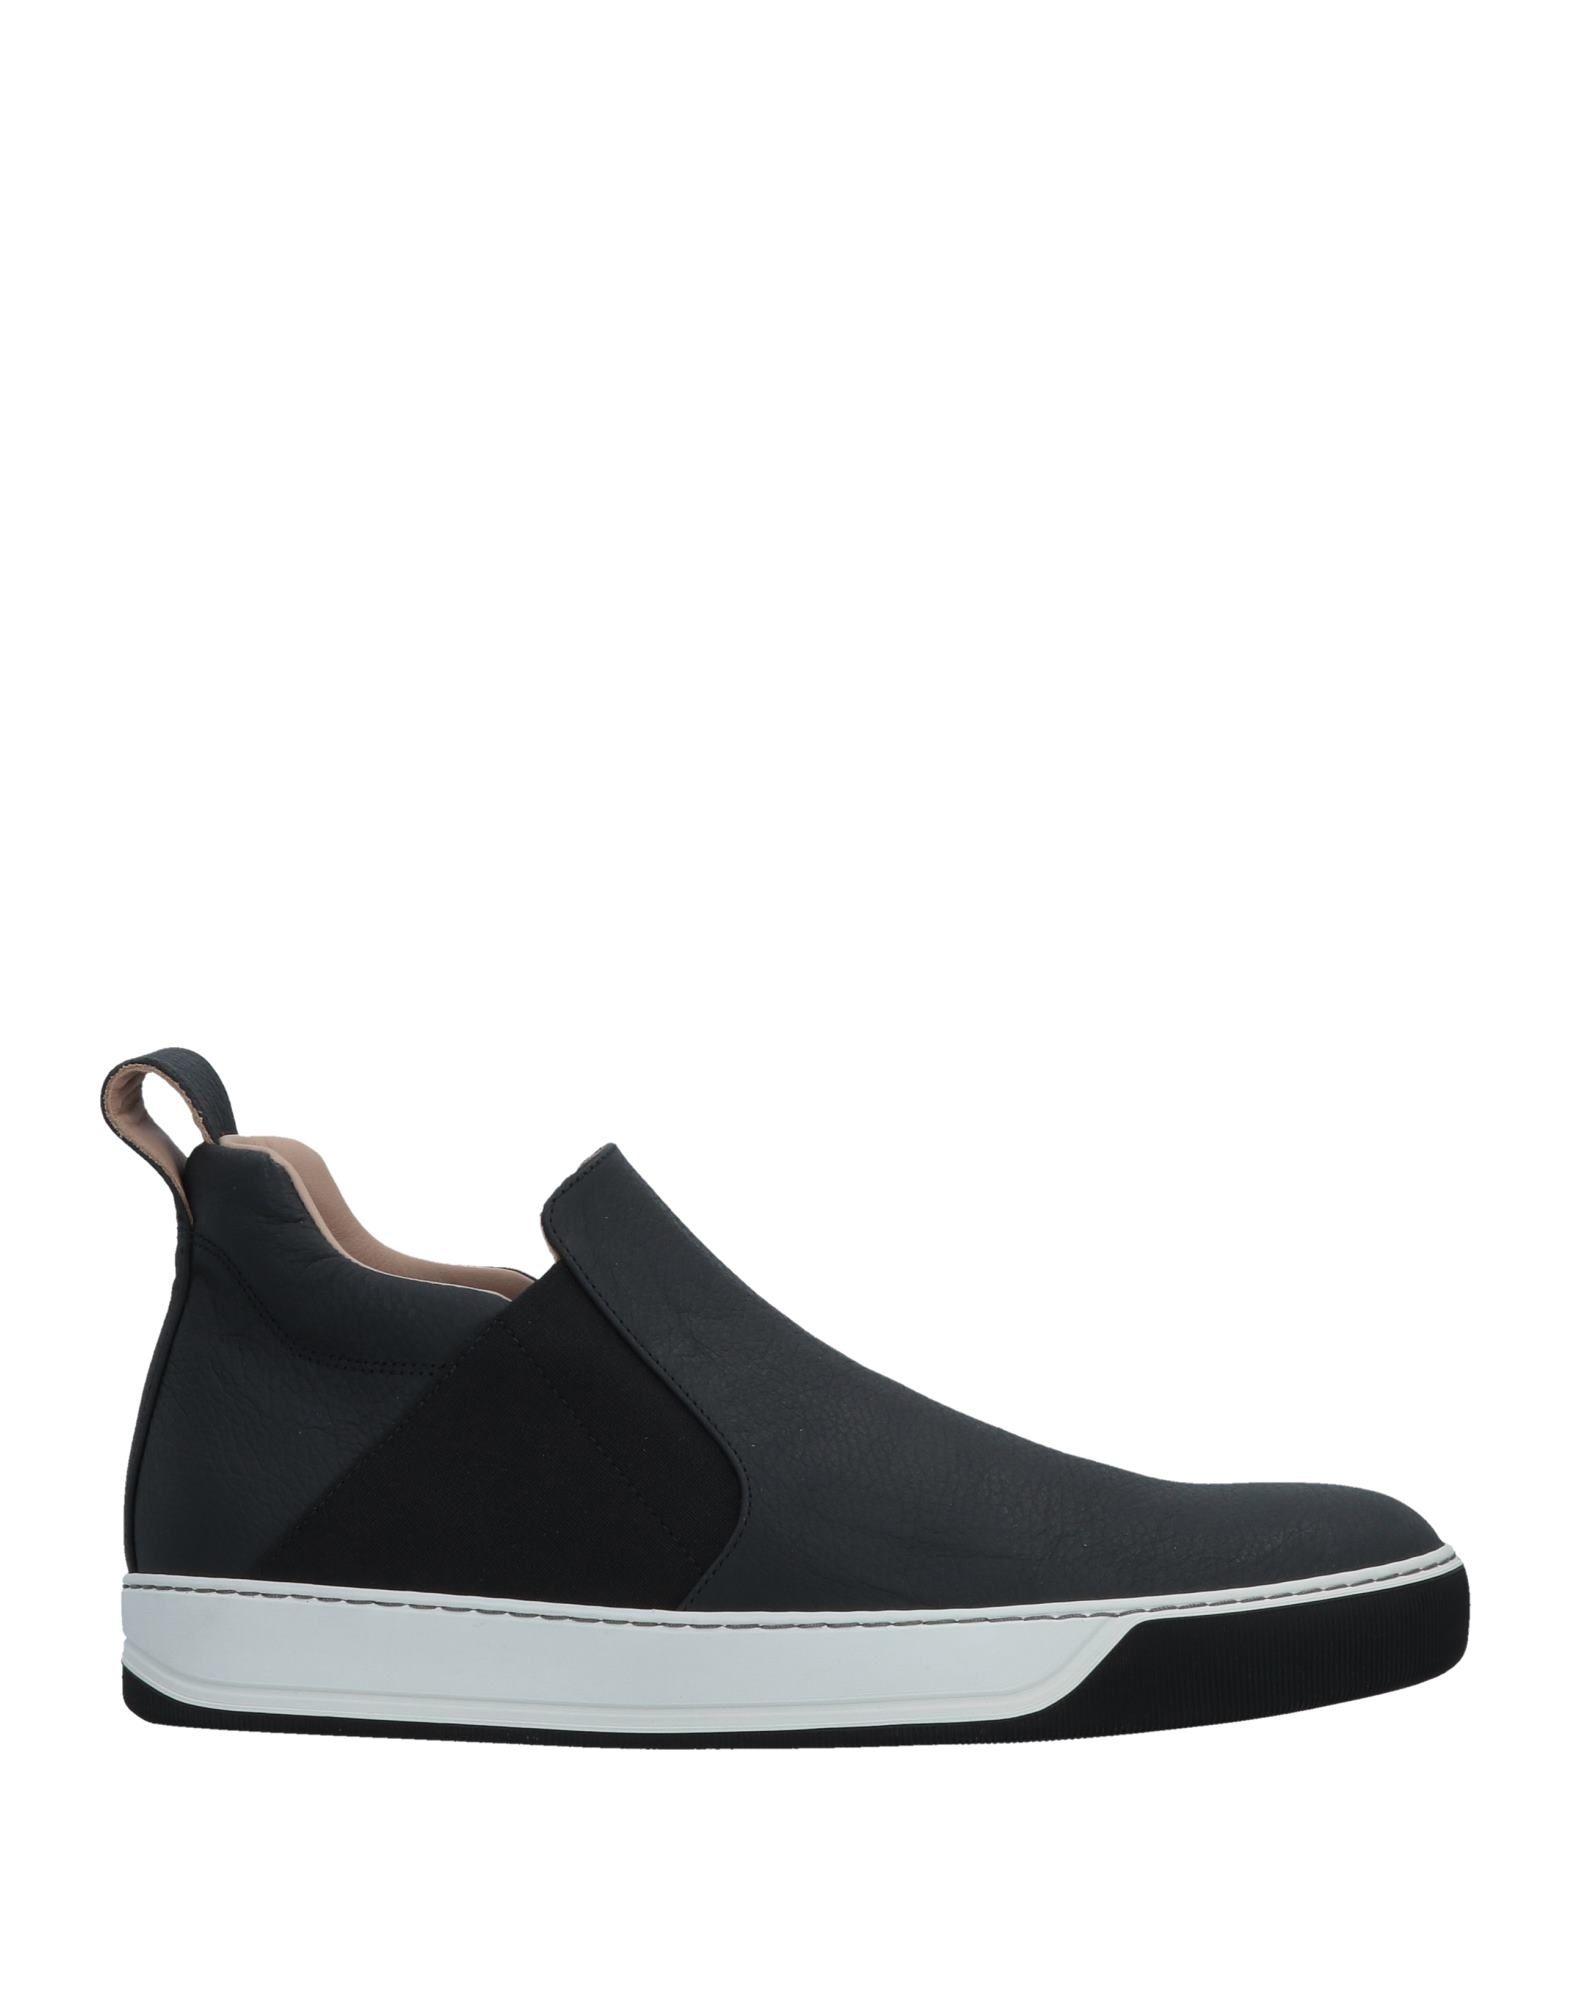 Sneakers Novelty Donna - 11464757CV Scarpe economiche e buone